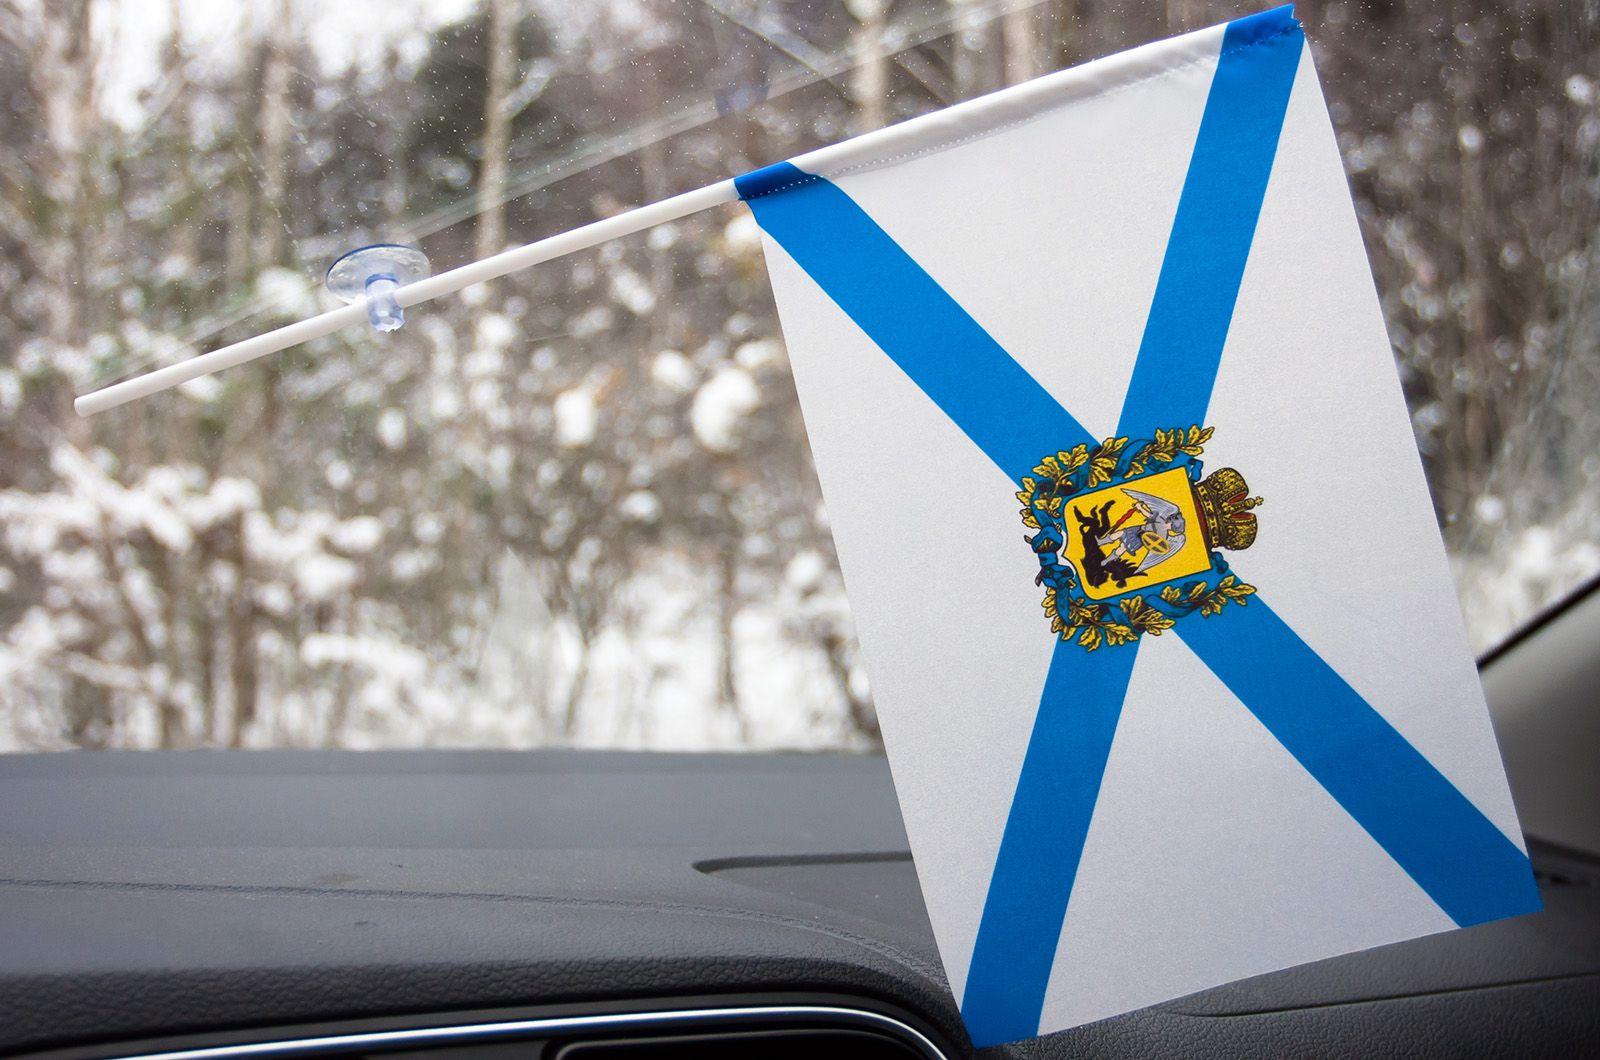 Флажок Архангельской области в машину